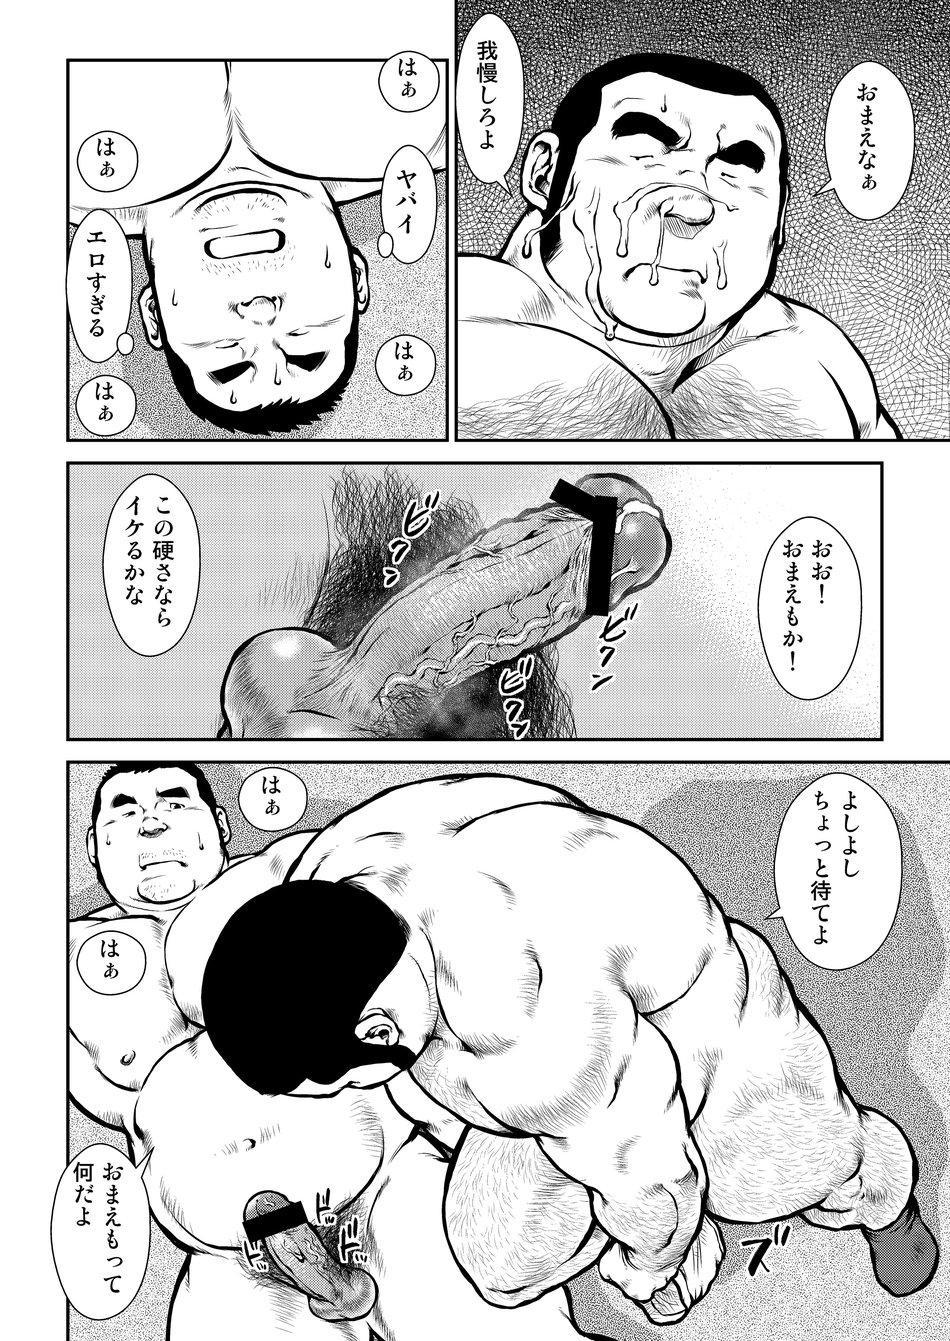 Hara Iso Hatsujou Seinendan Dai 4-wa 9